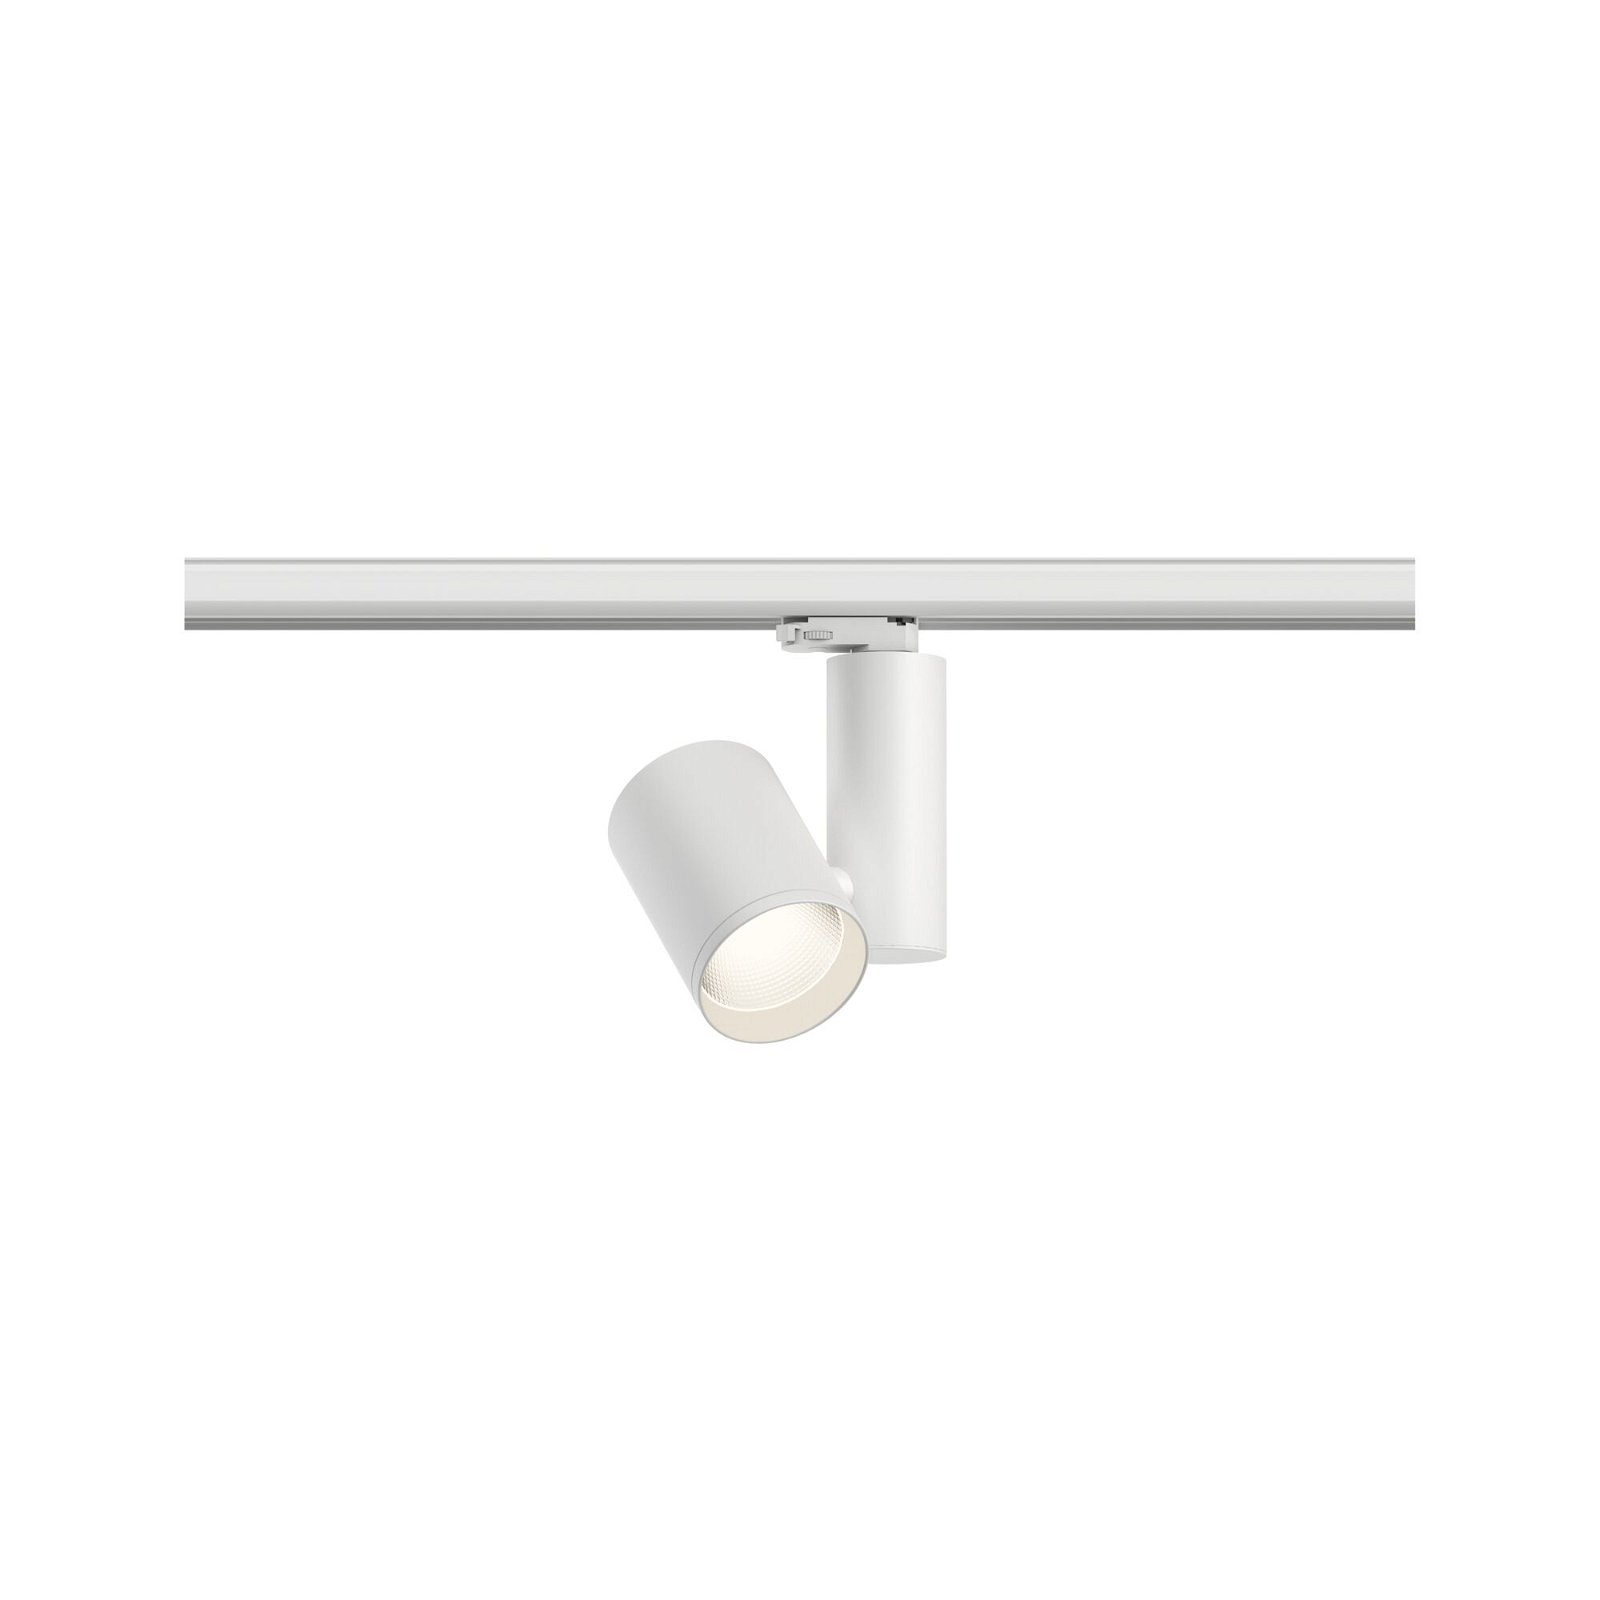 ProRail3 LED Schienenspot Zeuz 60° 3680lm 33W 3000K 230V Weiß